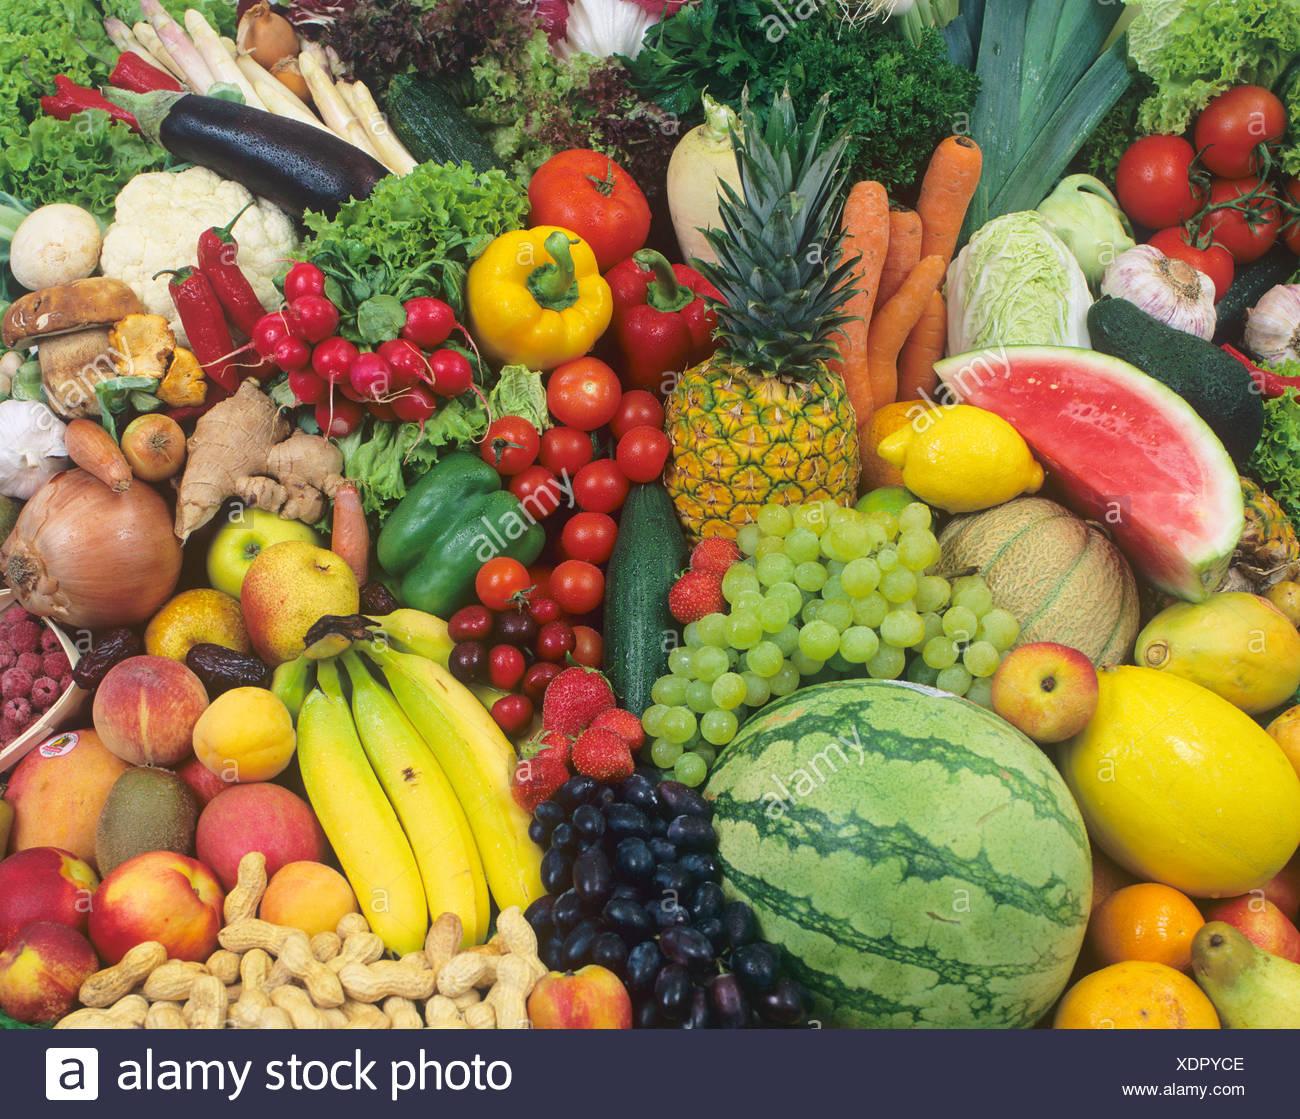 Frutas y verduras, mezcla de colores Imagen De Stock